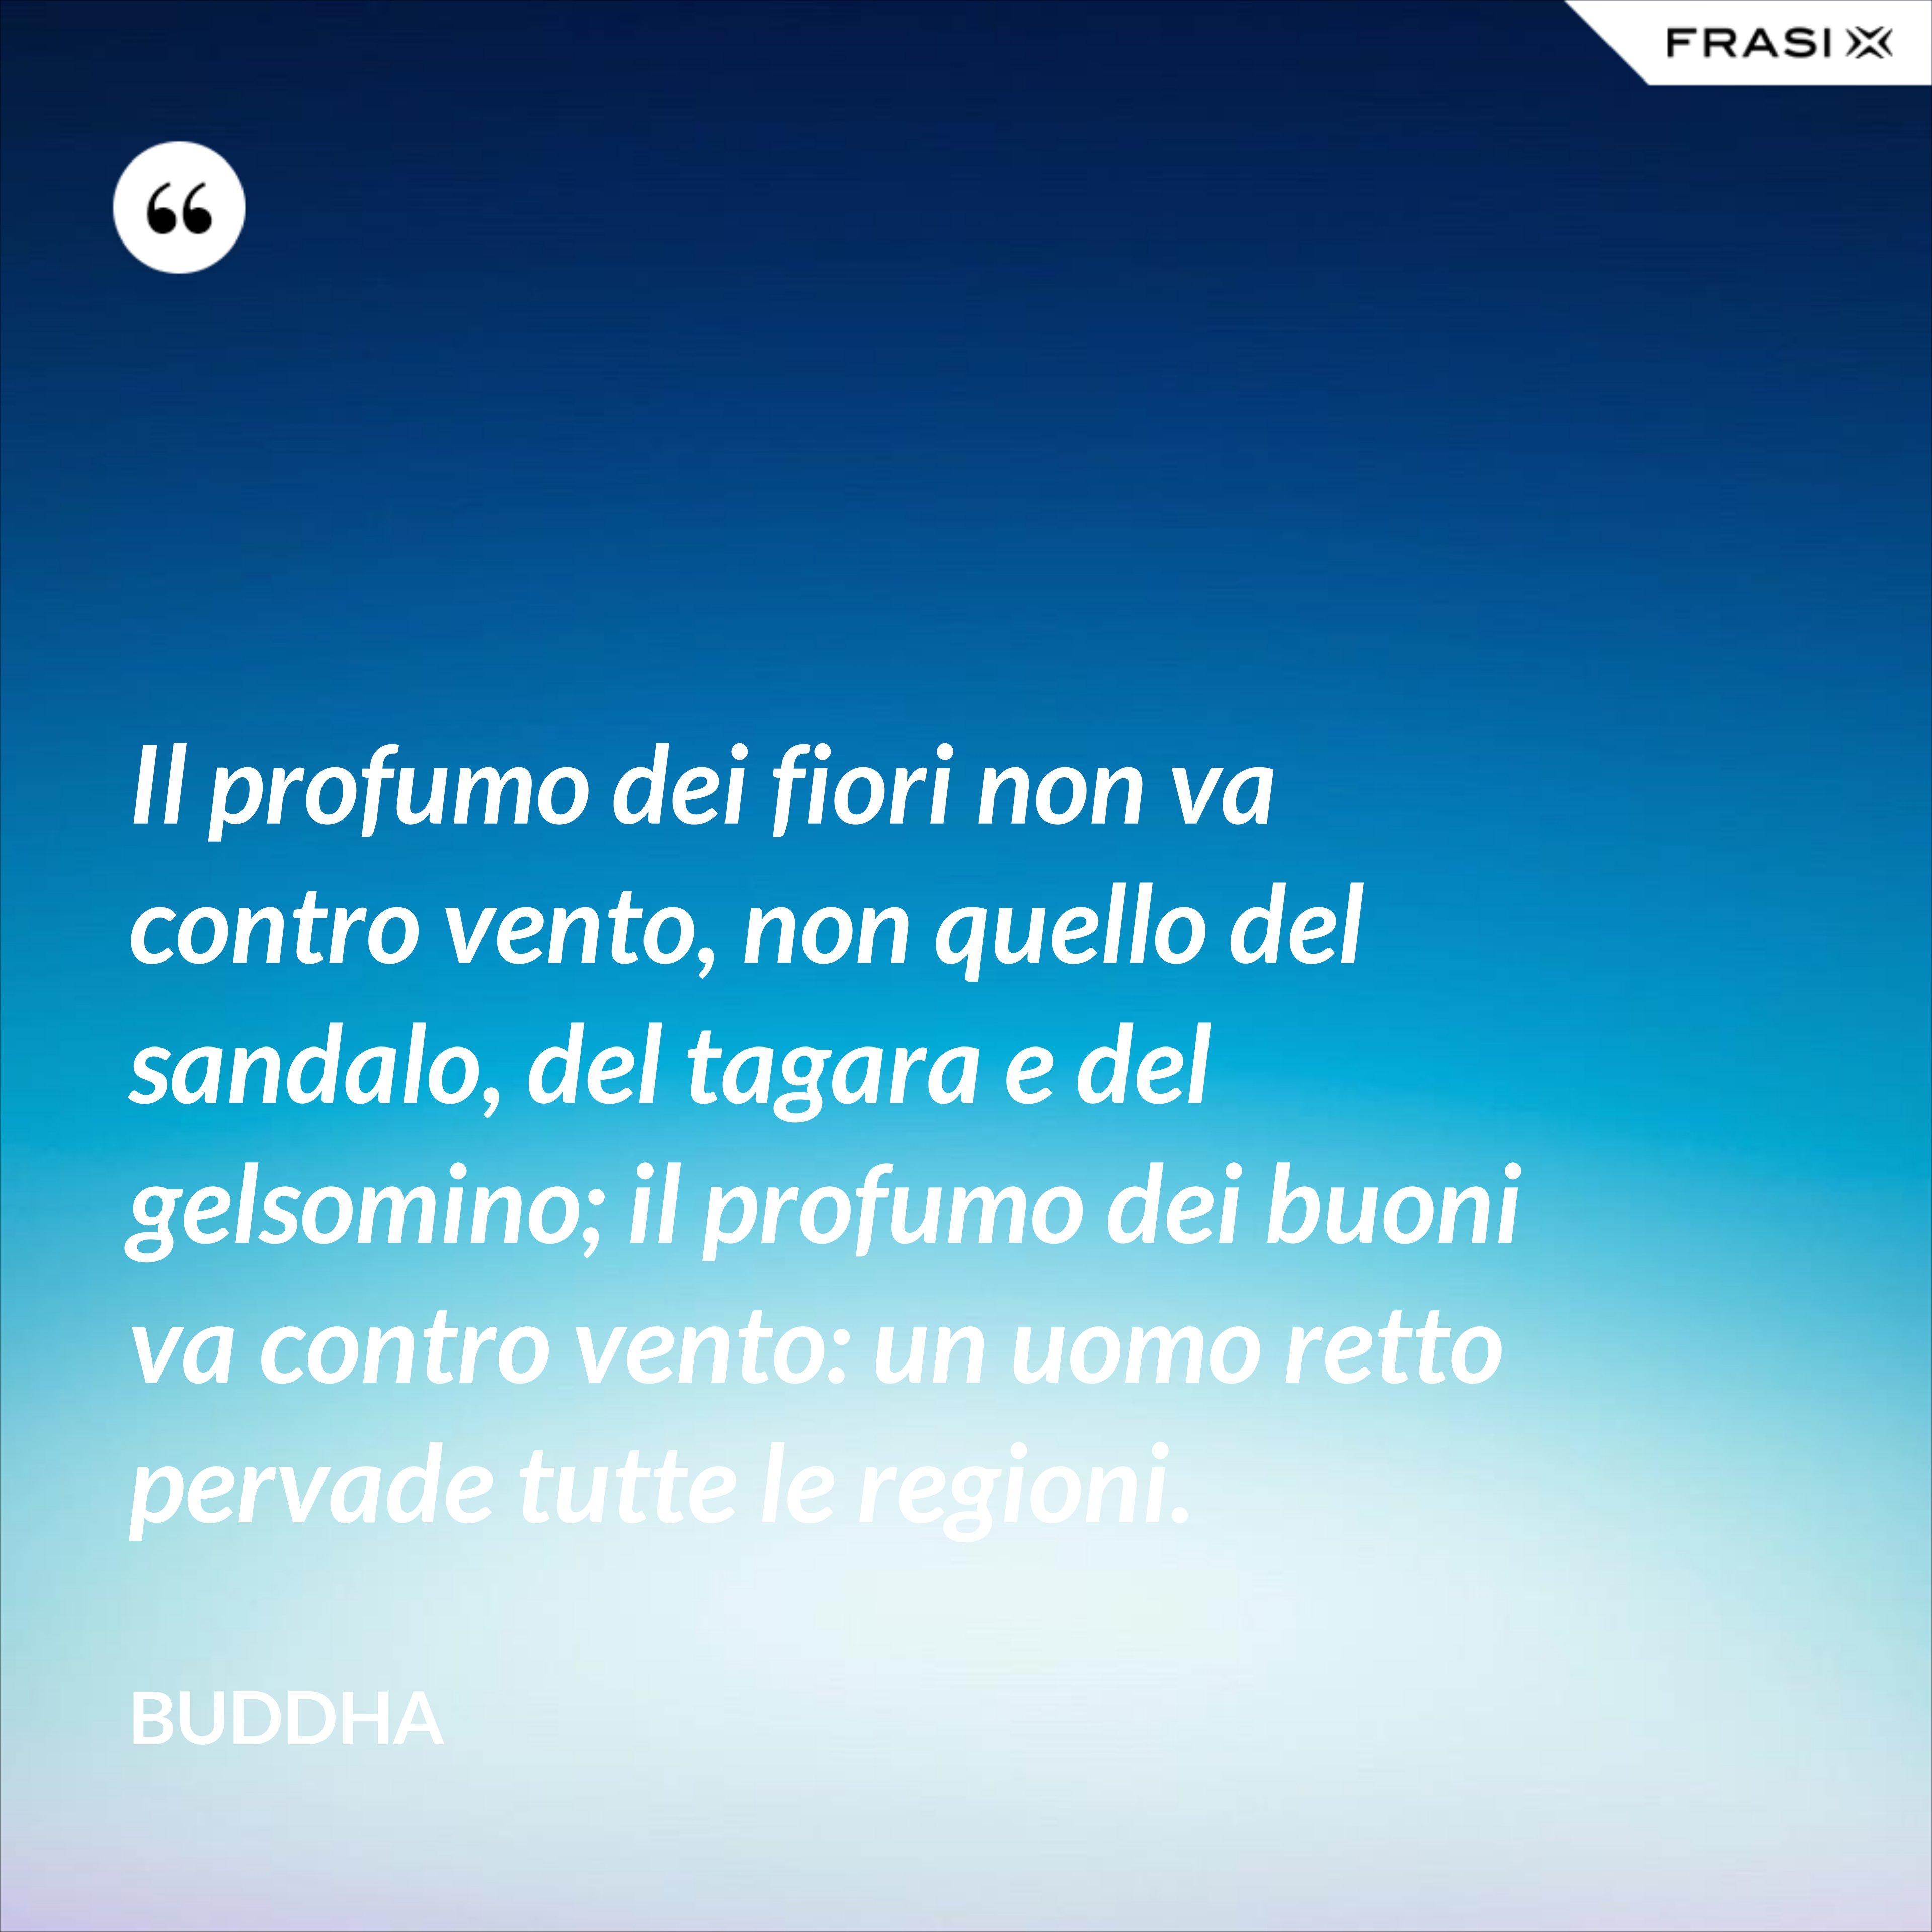 Il profumo dei fiori non va contro vento, non quello del sandalo, del tagara e del gelsomino; il profumo dei buoni va contro vento: un uomo retto pervade tutte le regioni. - Buddha